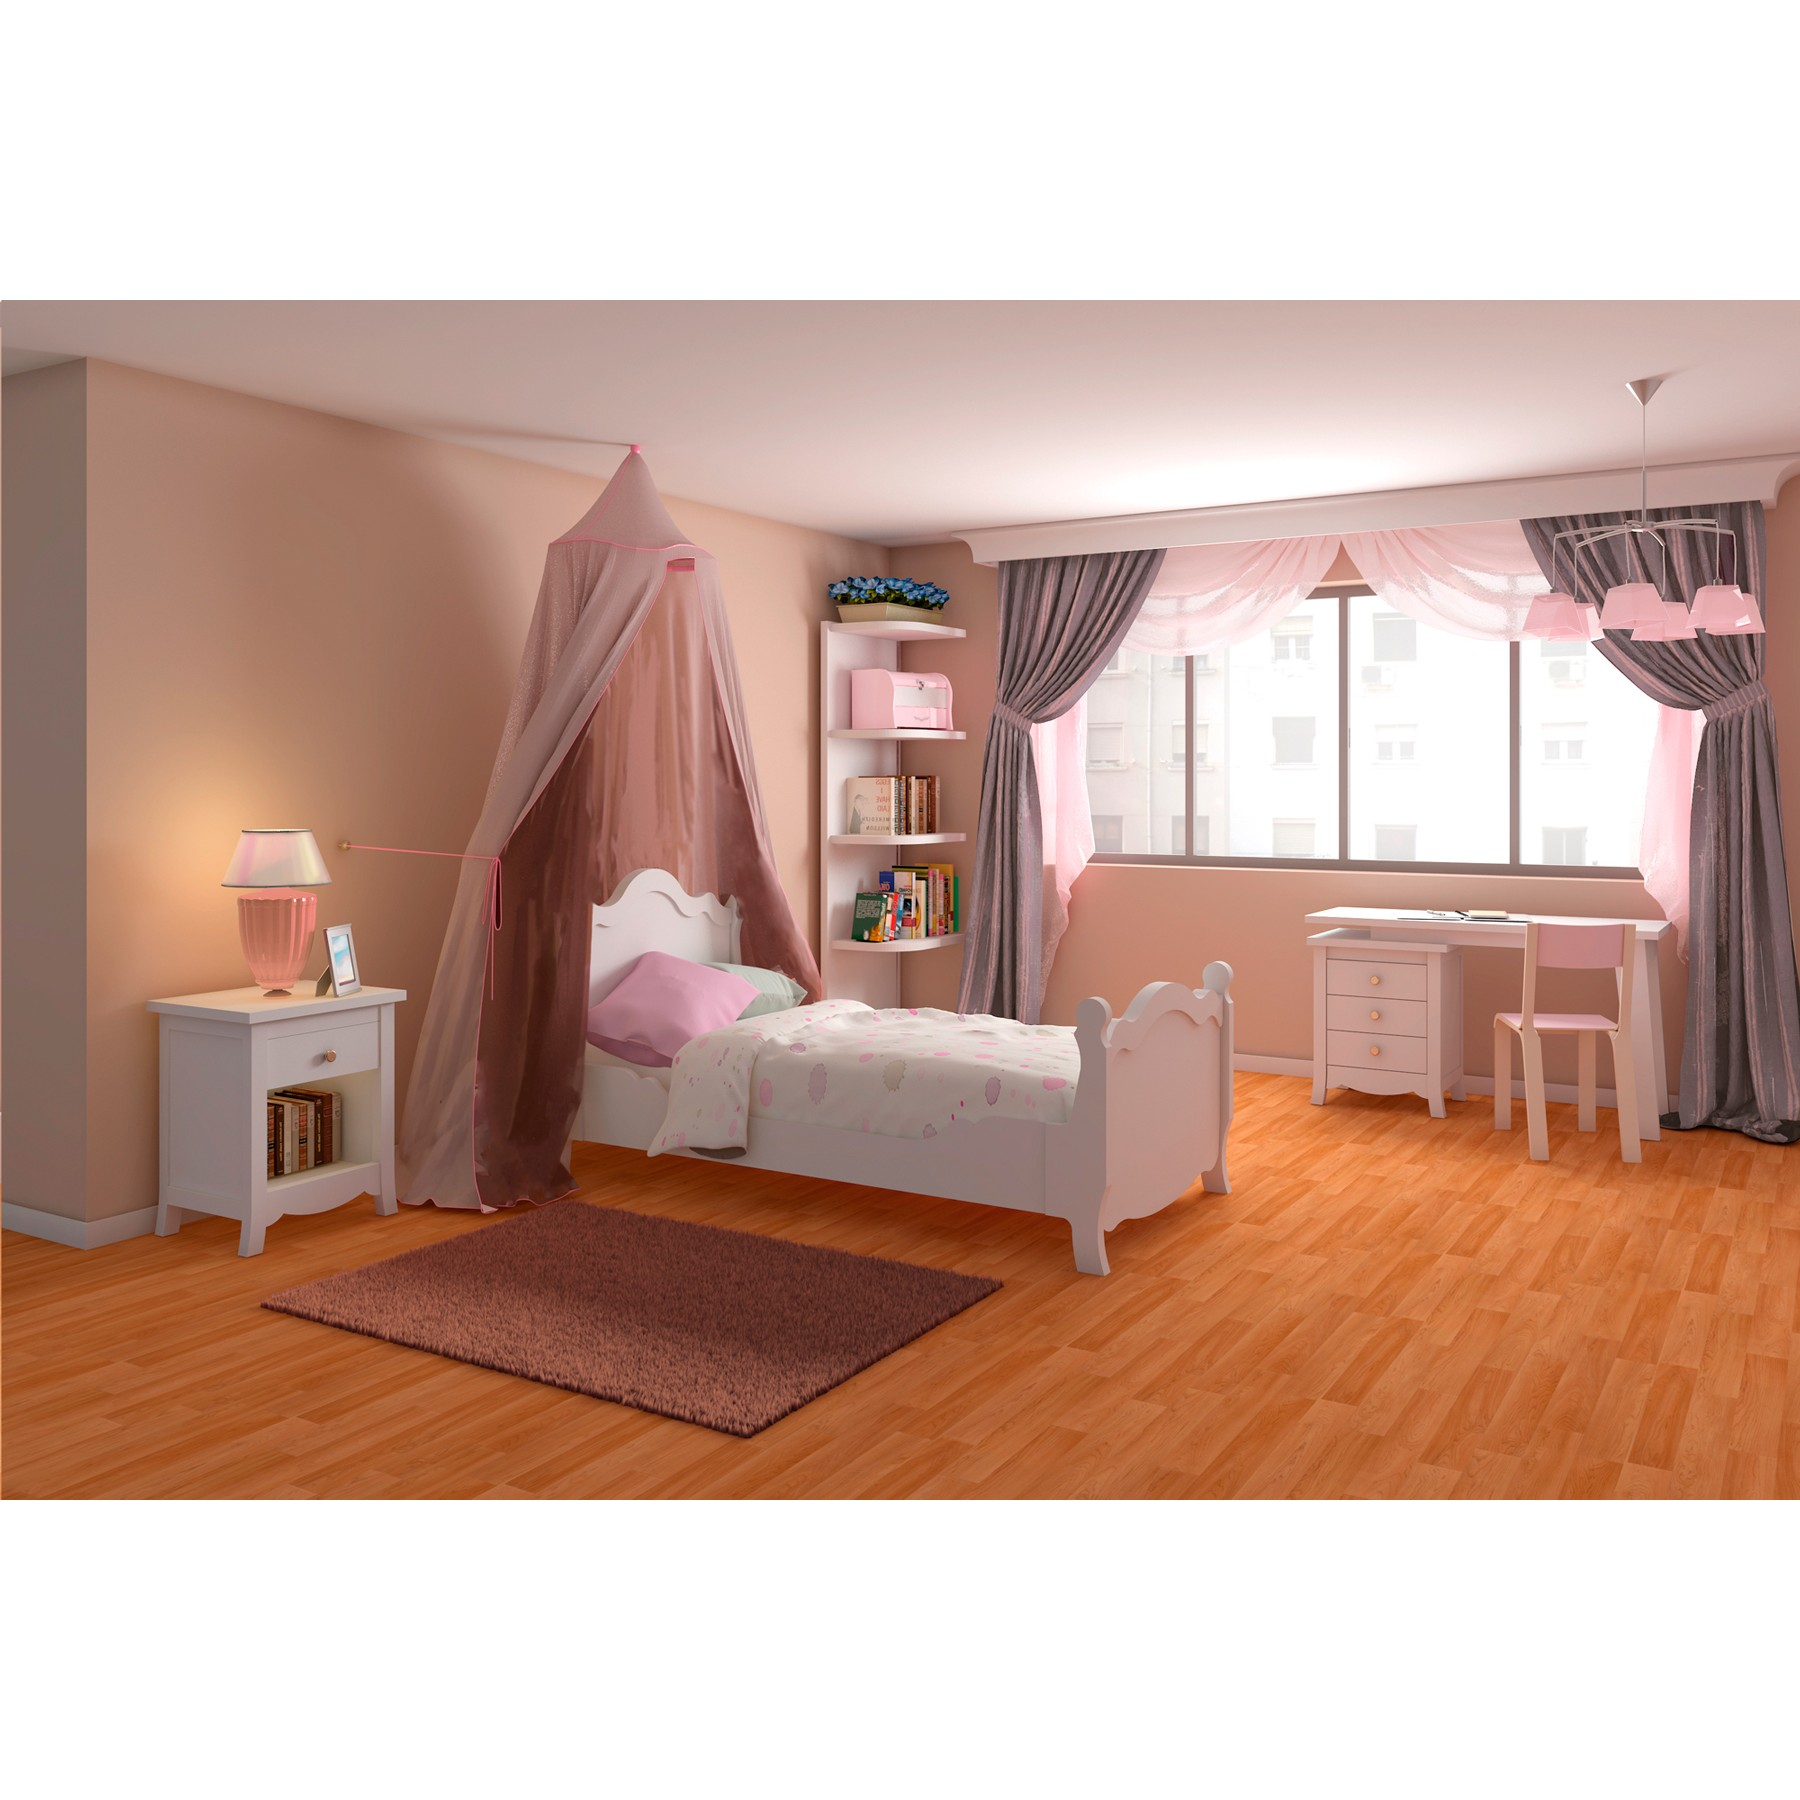 Composiciones De Dormitorios Dekogar Muebles Y Decoraci N Online # Muebles Necesarios En Un Dormitorio